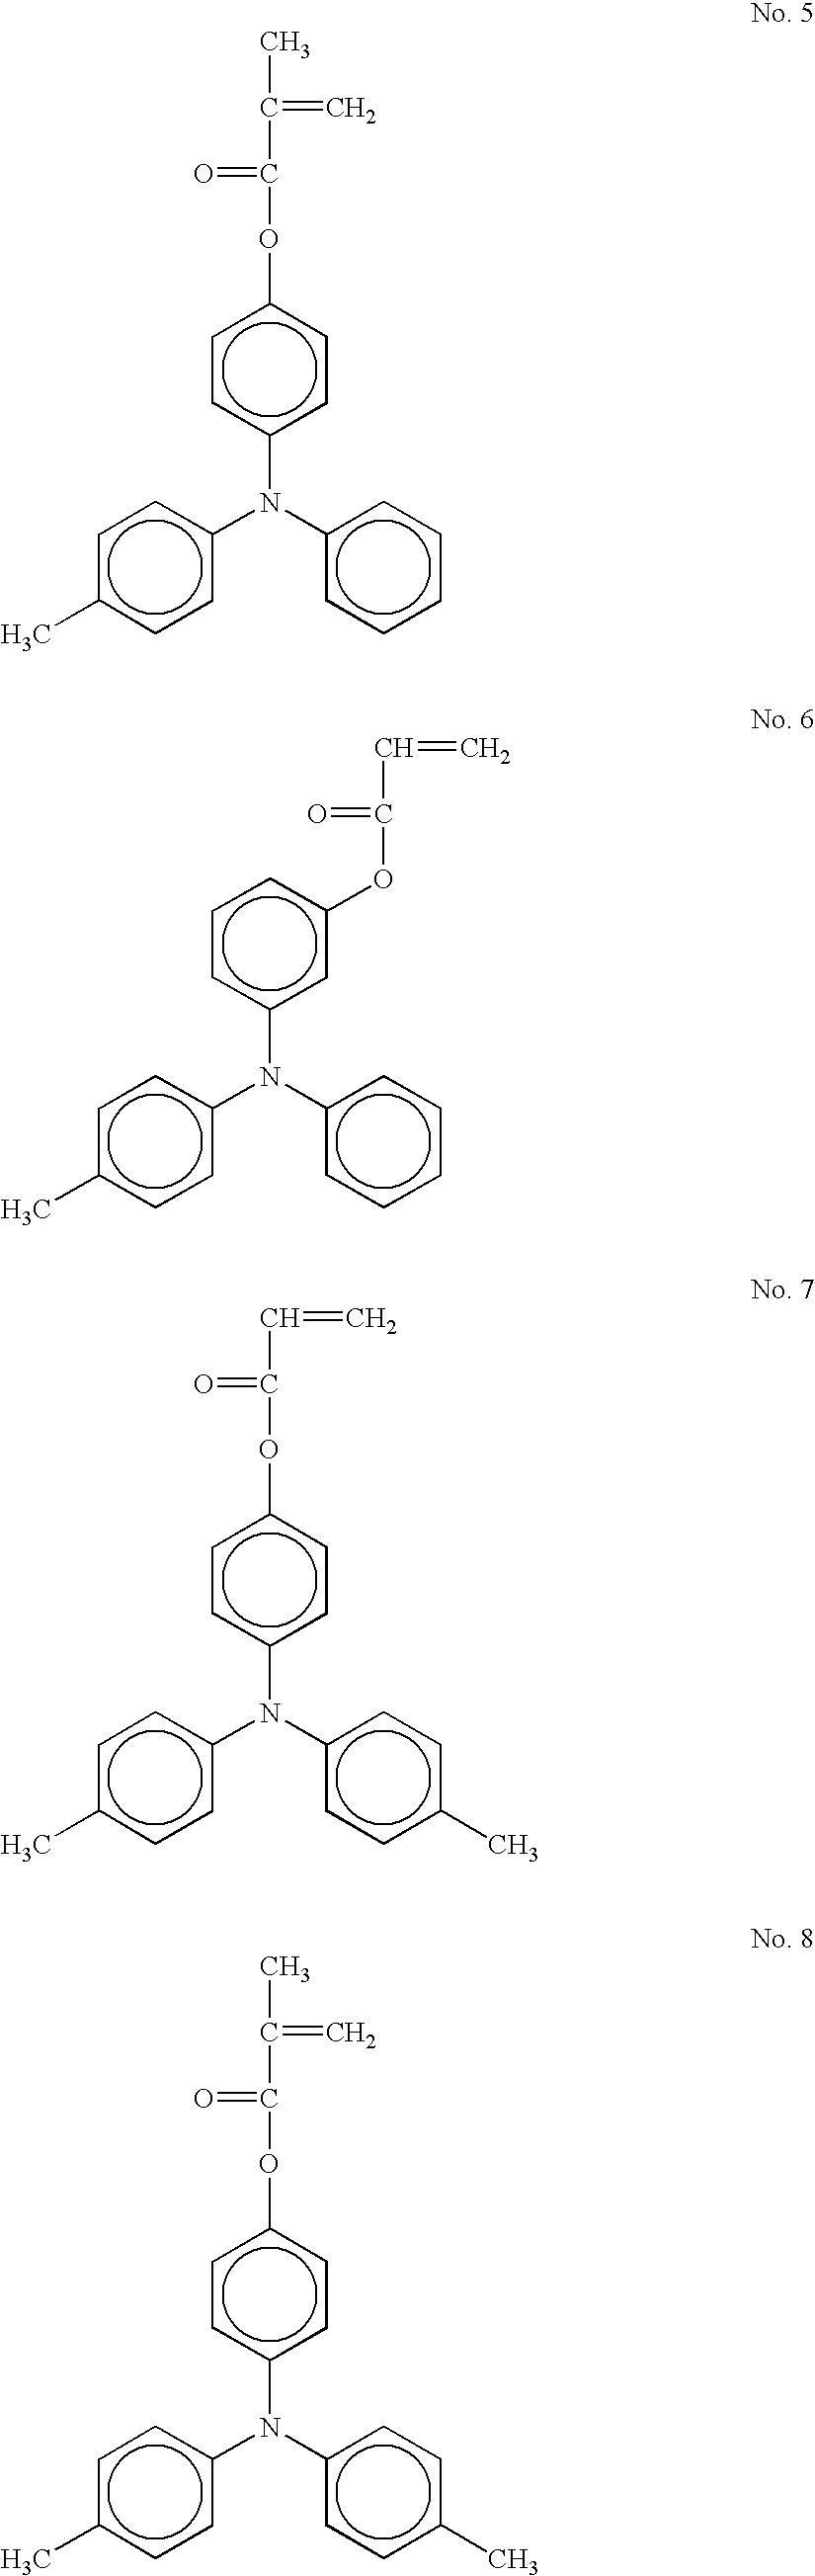 Figure US20050175911A1-20050811-C00007